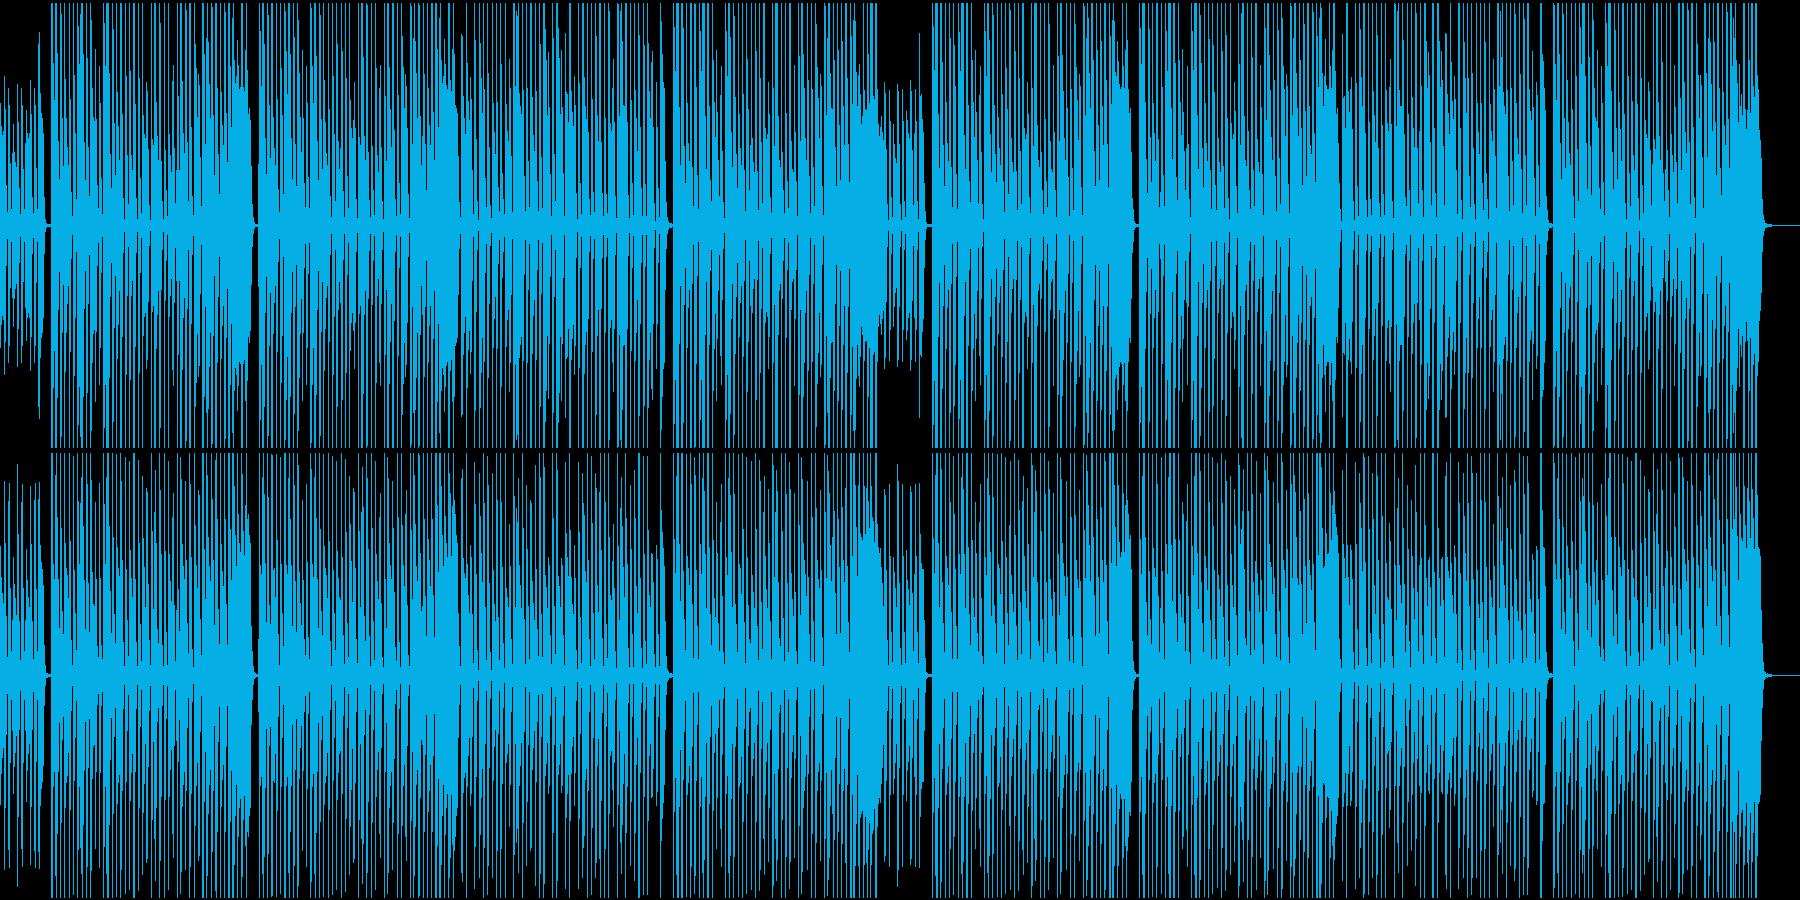 無邪気さ溢れる木琴の曲の再生済みの波形